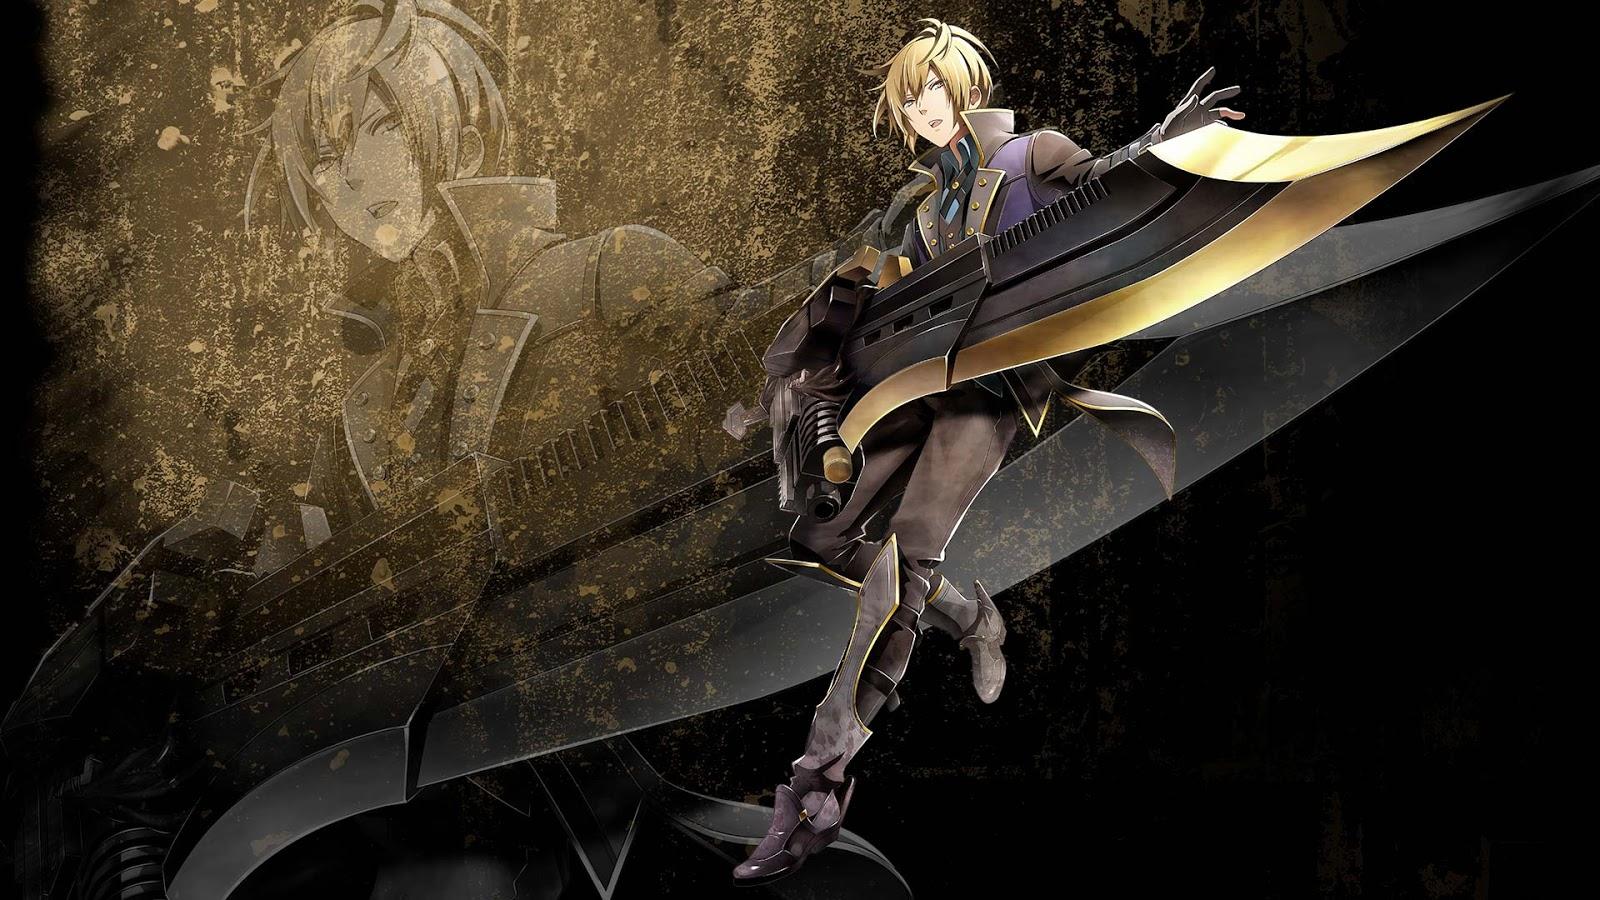 Free Wallpaper God Eater Anime Wallpaper Hd